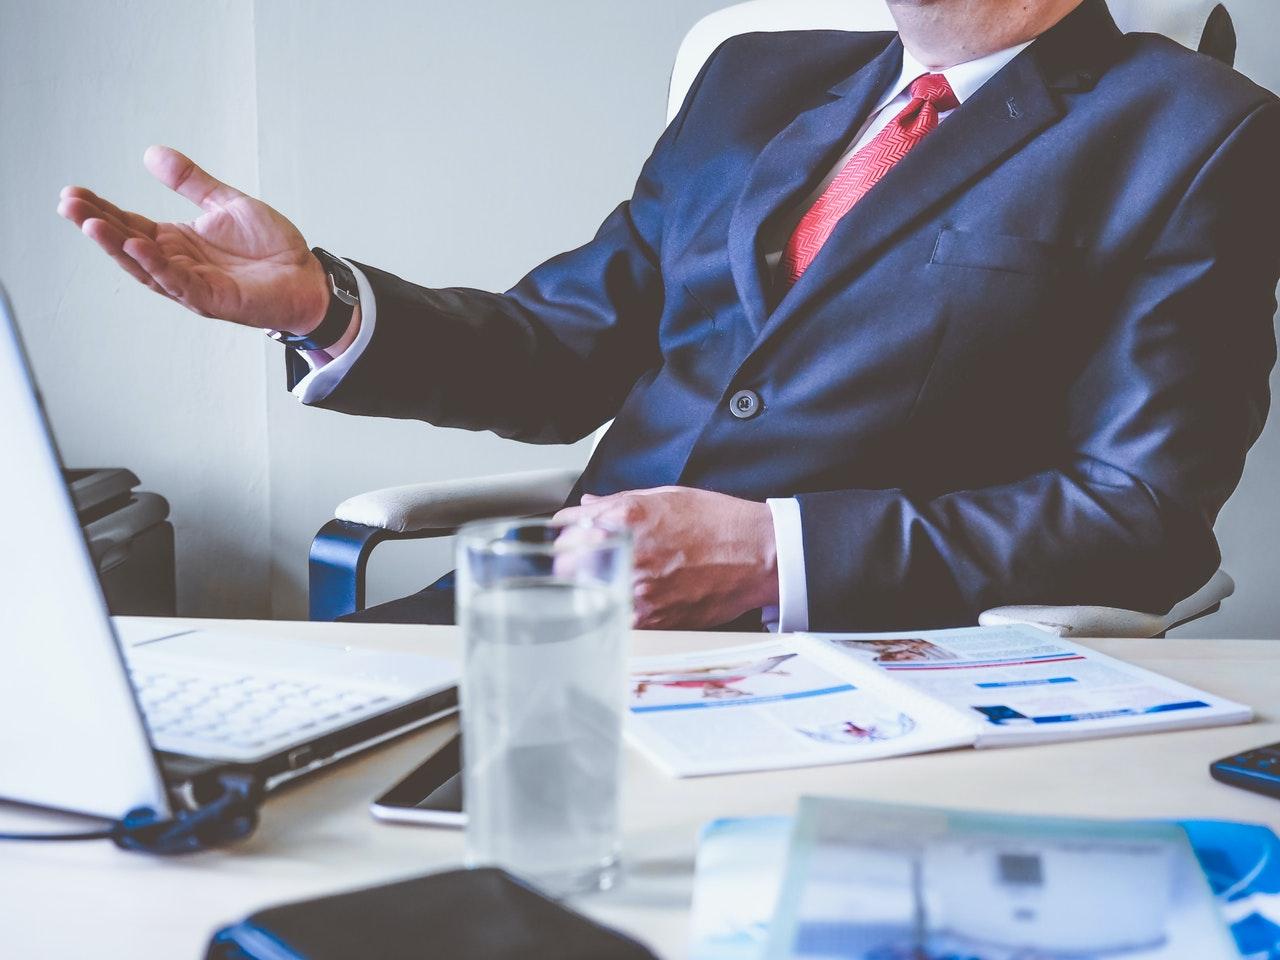 Que documentos um novo funcionário precisa levar para a empresa? (Foto de energepic.com no Pexels)